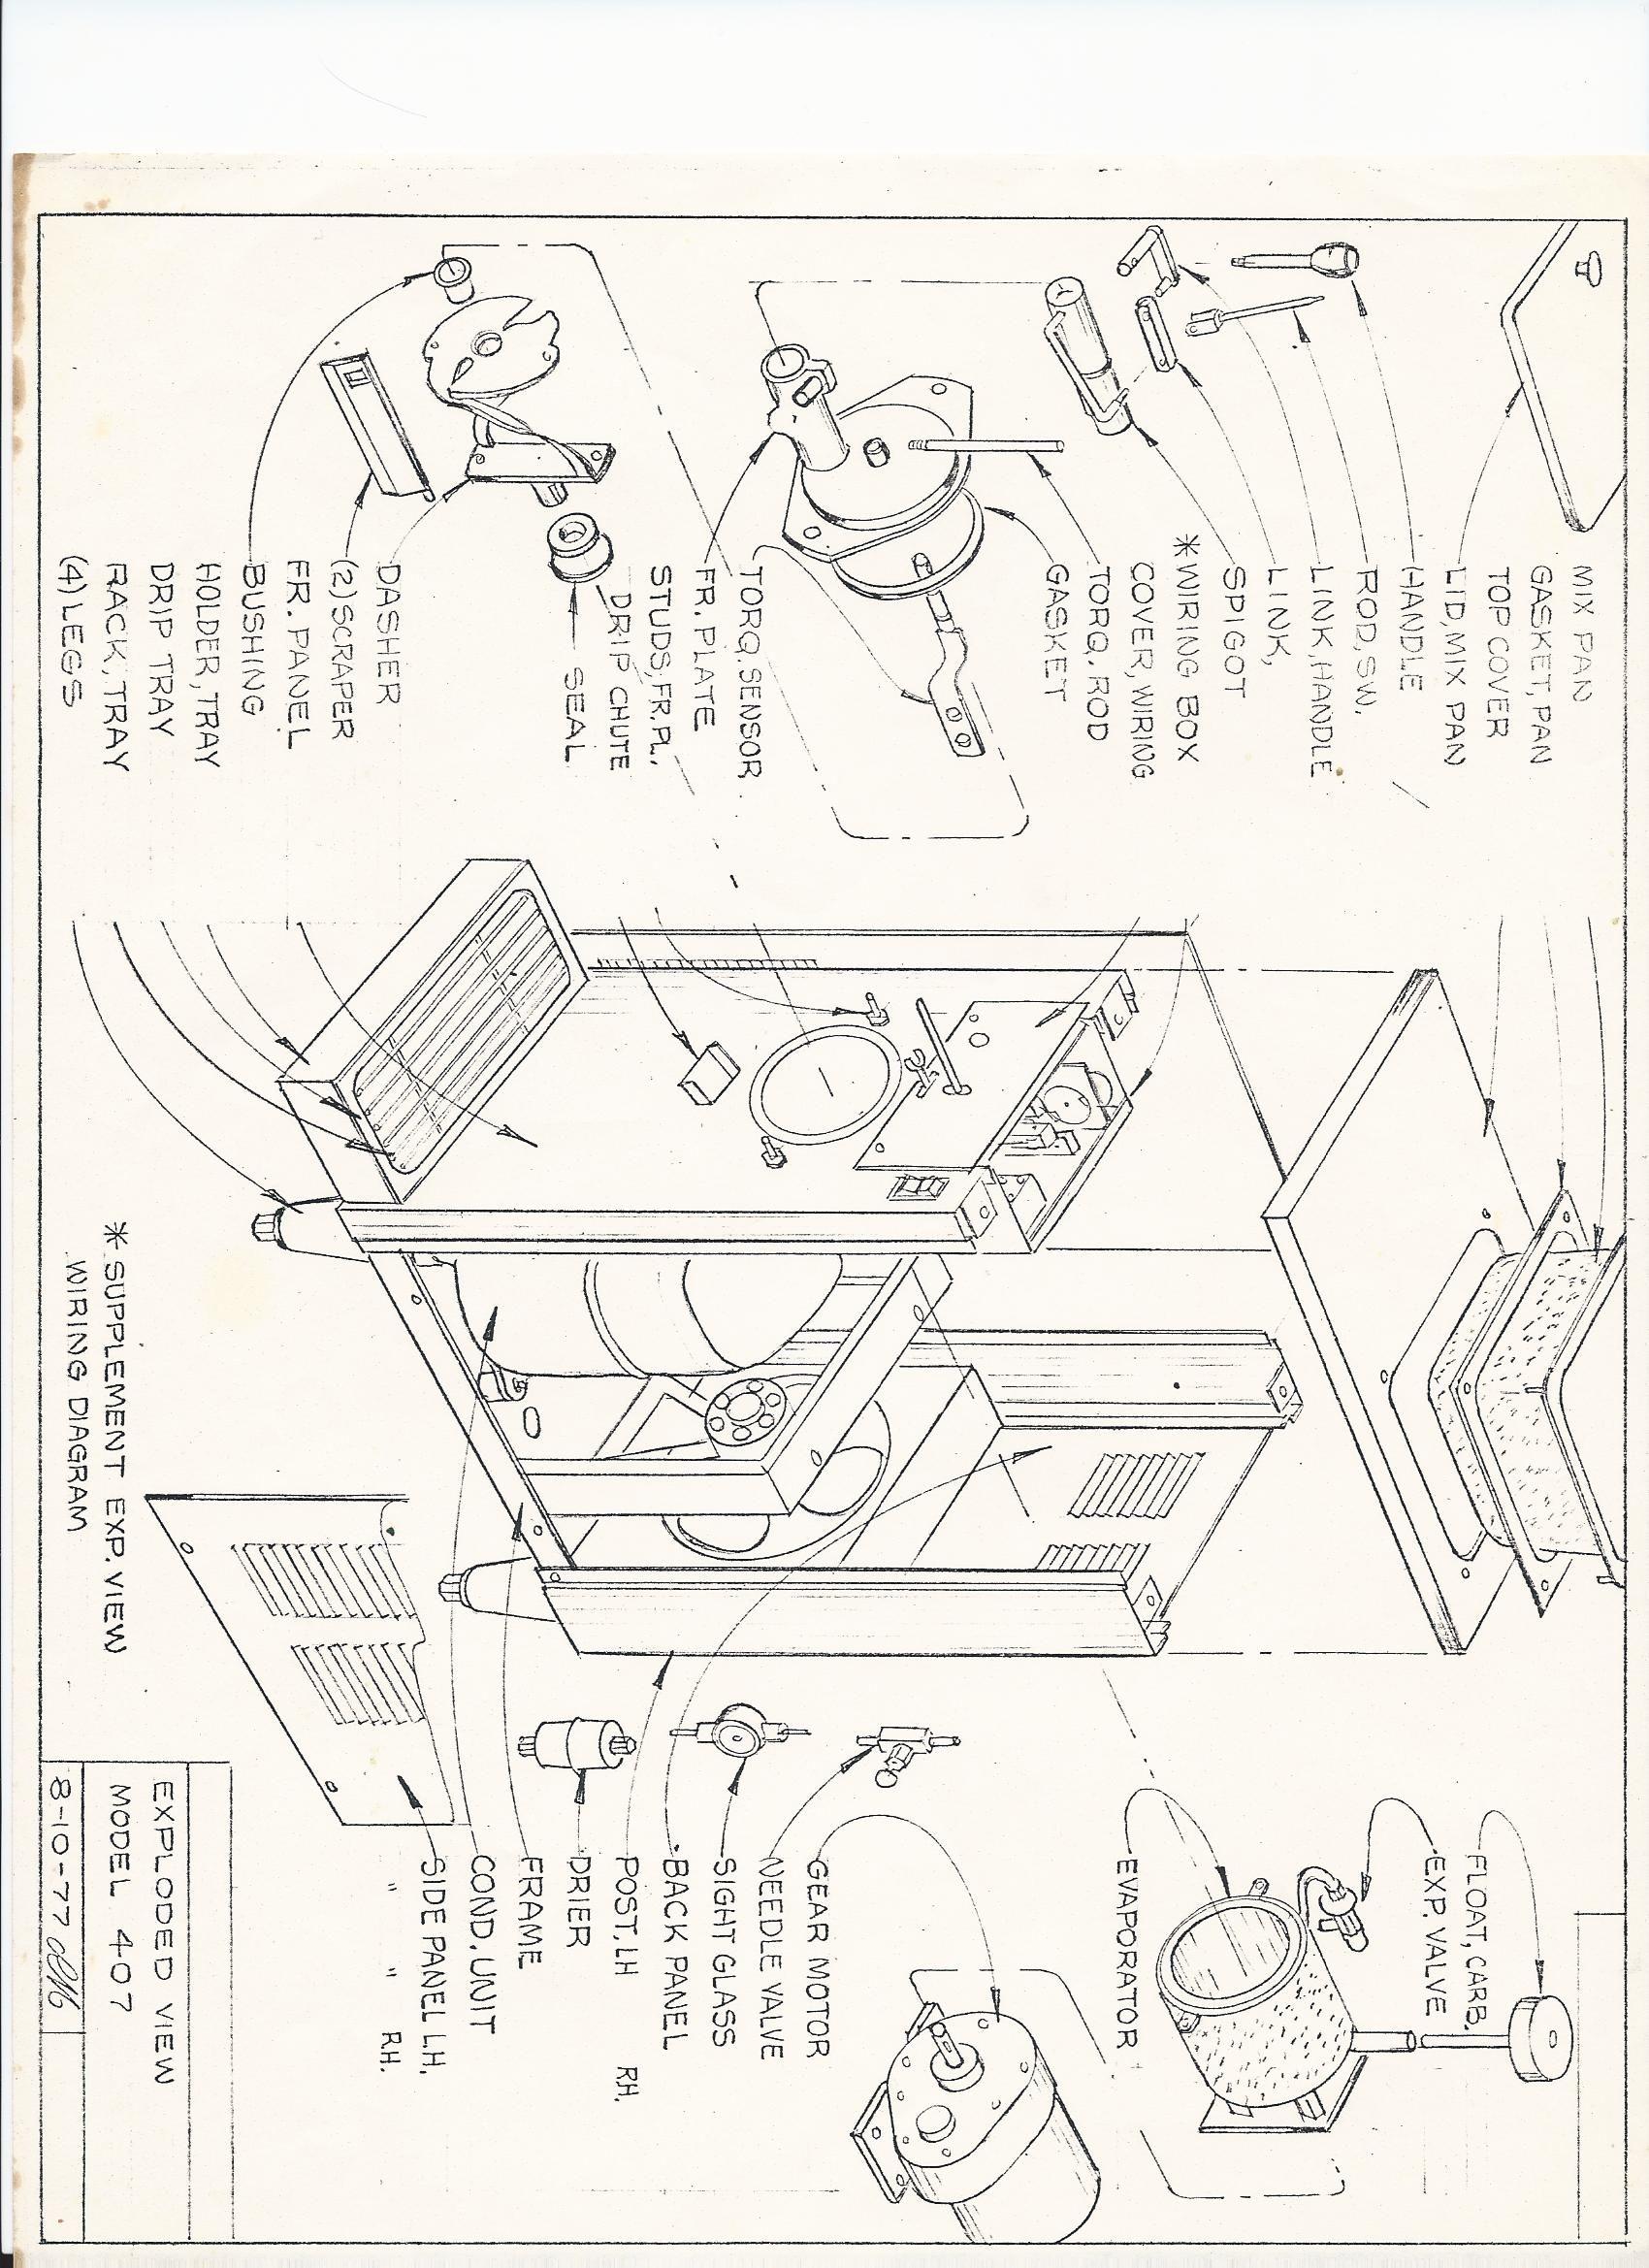 Soft serve ice cream machine design #407 Soft Serve, Machine Design, Ice  Cream